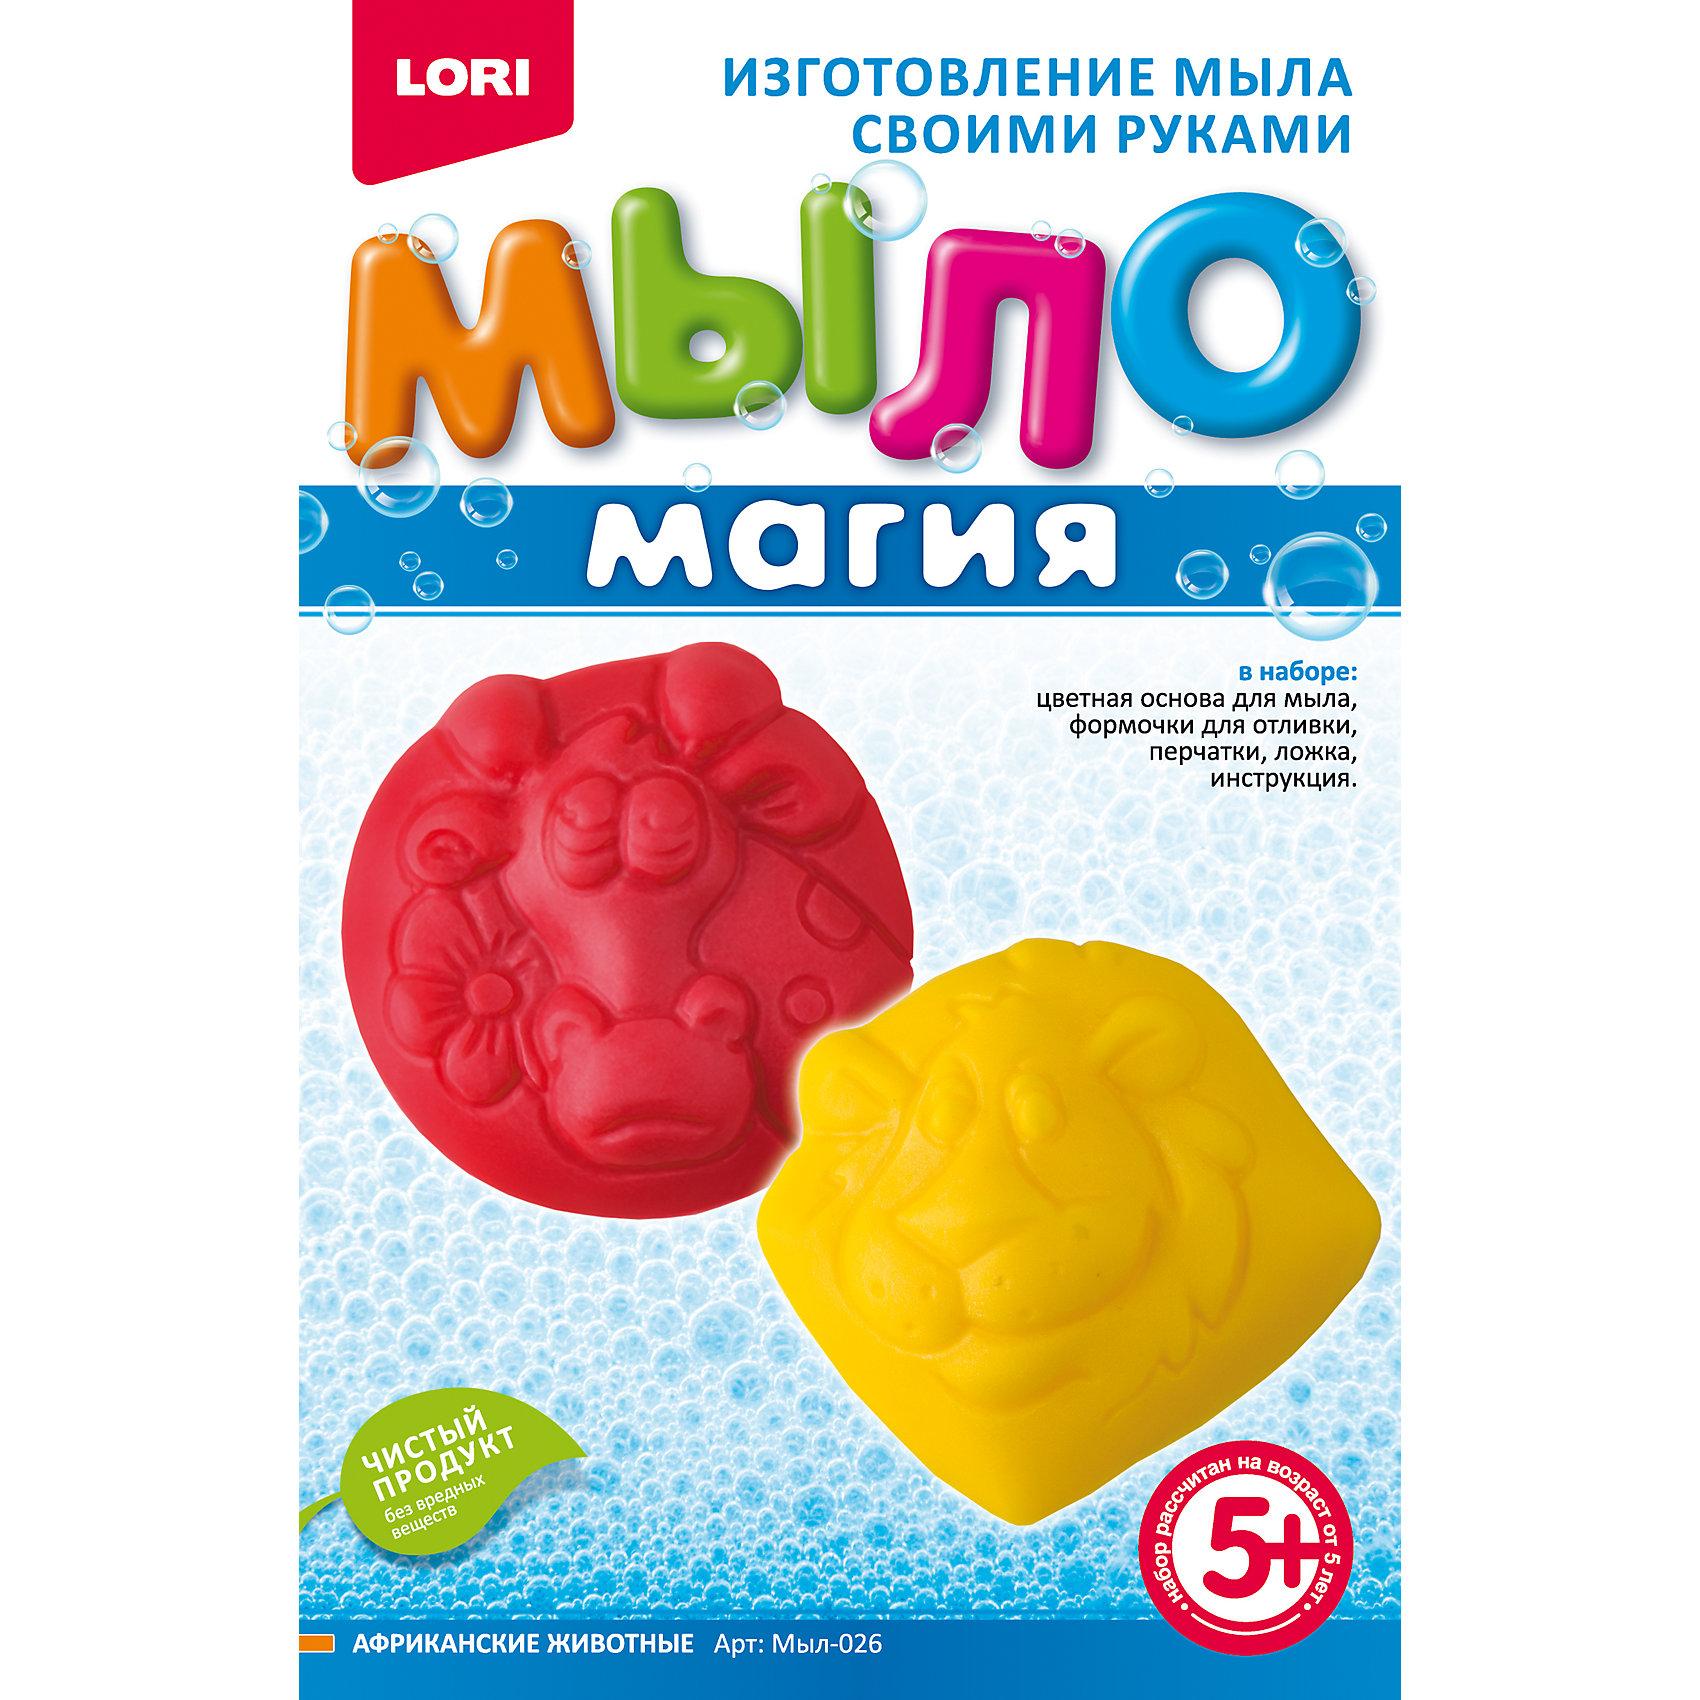 МылоМагия Африканские животныеХарактеристики товара:<br><br>• цвет: разноцветный<br>• размер упаковки: 20х14х4 см<br>• вес: 160 г<br>• комплектация: основа для мыла, емкость для растапливания, 2 формы для заливки мыльного раствора, пищевой краситель, пипетка, перчатки, ложка инструкция<br>• возраст: от пяти лет<br>• страна бренда: РФ<br>• страна изготовитель: РФ<br><br>Этот набор для творчества станет отличным подарком ребенку - ведь с помощью него можно получить красивое мыло! В набор входит основа для мыла, емкость для растапливания, 2 формы для заливки мыльного раствора, пищевой краситель, пипетка, перчатки, ложка инструкция. Чтобы получить мыло, ребенку нужно следовать указаниям инструкции. В итоге получается полезная вещь или подарок родным.<br>Детям очень нравится что-то делать своими руками! Кроме того, творчество помогает детям развивать важные навыки и способности, оно активизирует мышление, формирует усидчивость, творческие способности, мелкую моторику и воображение. Изделие производится из качественных и проверенных материалов, которые безопасны для детей.<br><br>Набор МылоМагия Африканские животные от бренда LORI можно купить в нашем интернет-магазине.<br><br>Ширина мм: 208<br>Глубина мм: 135<br>Высота мм: 40<br>Вес г: 163<br>Возраст от месяцев: 60<br>Возраст до месяцев: 108<br>Пол: Унисекс<br>Возраст: Детский<br>SKU: 5154889